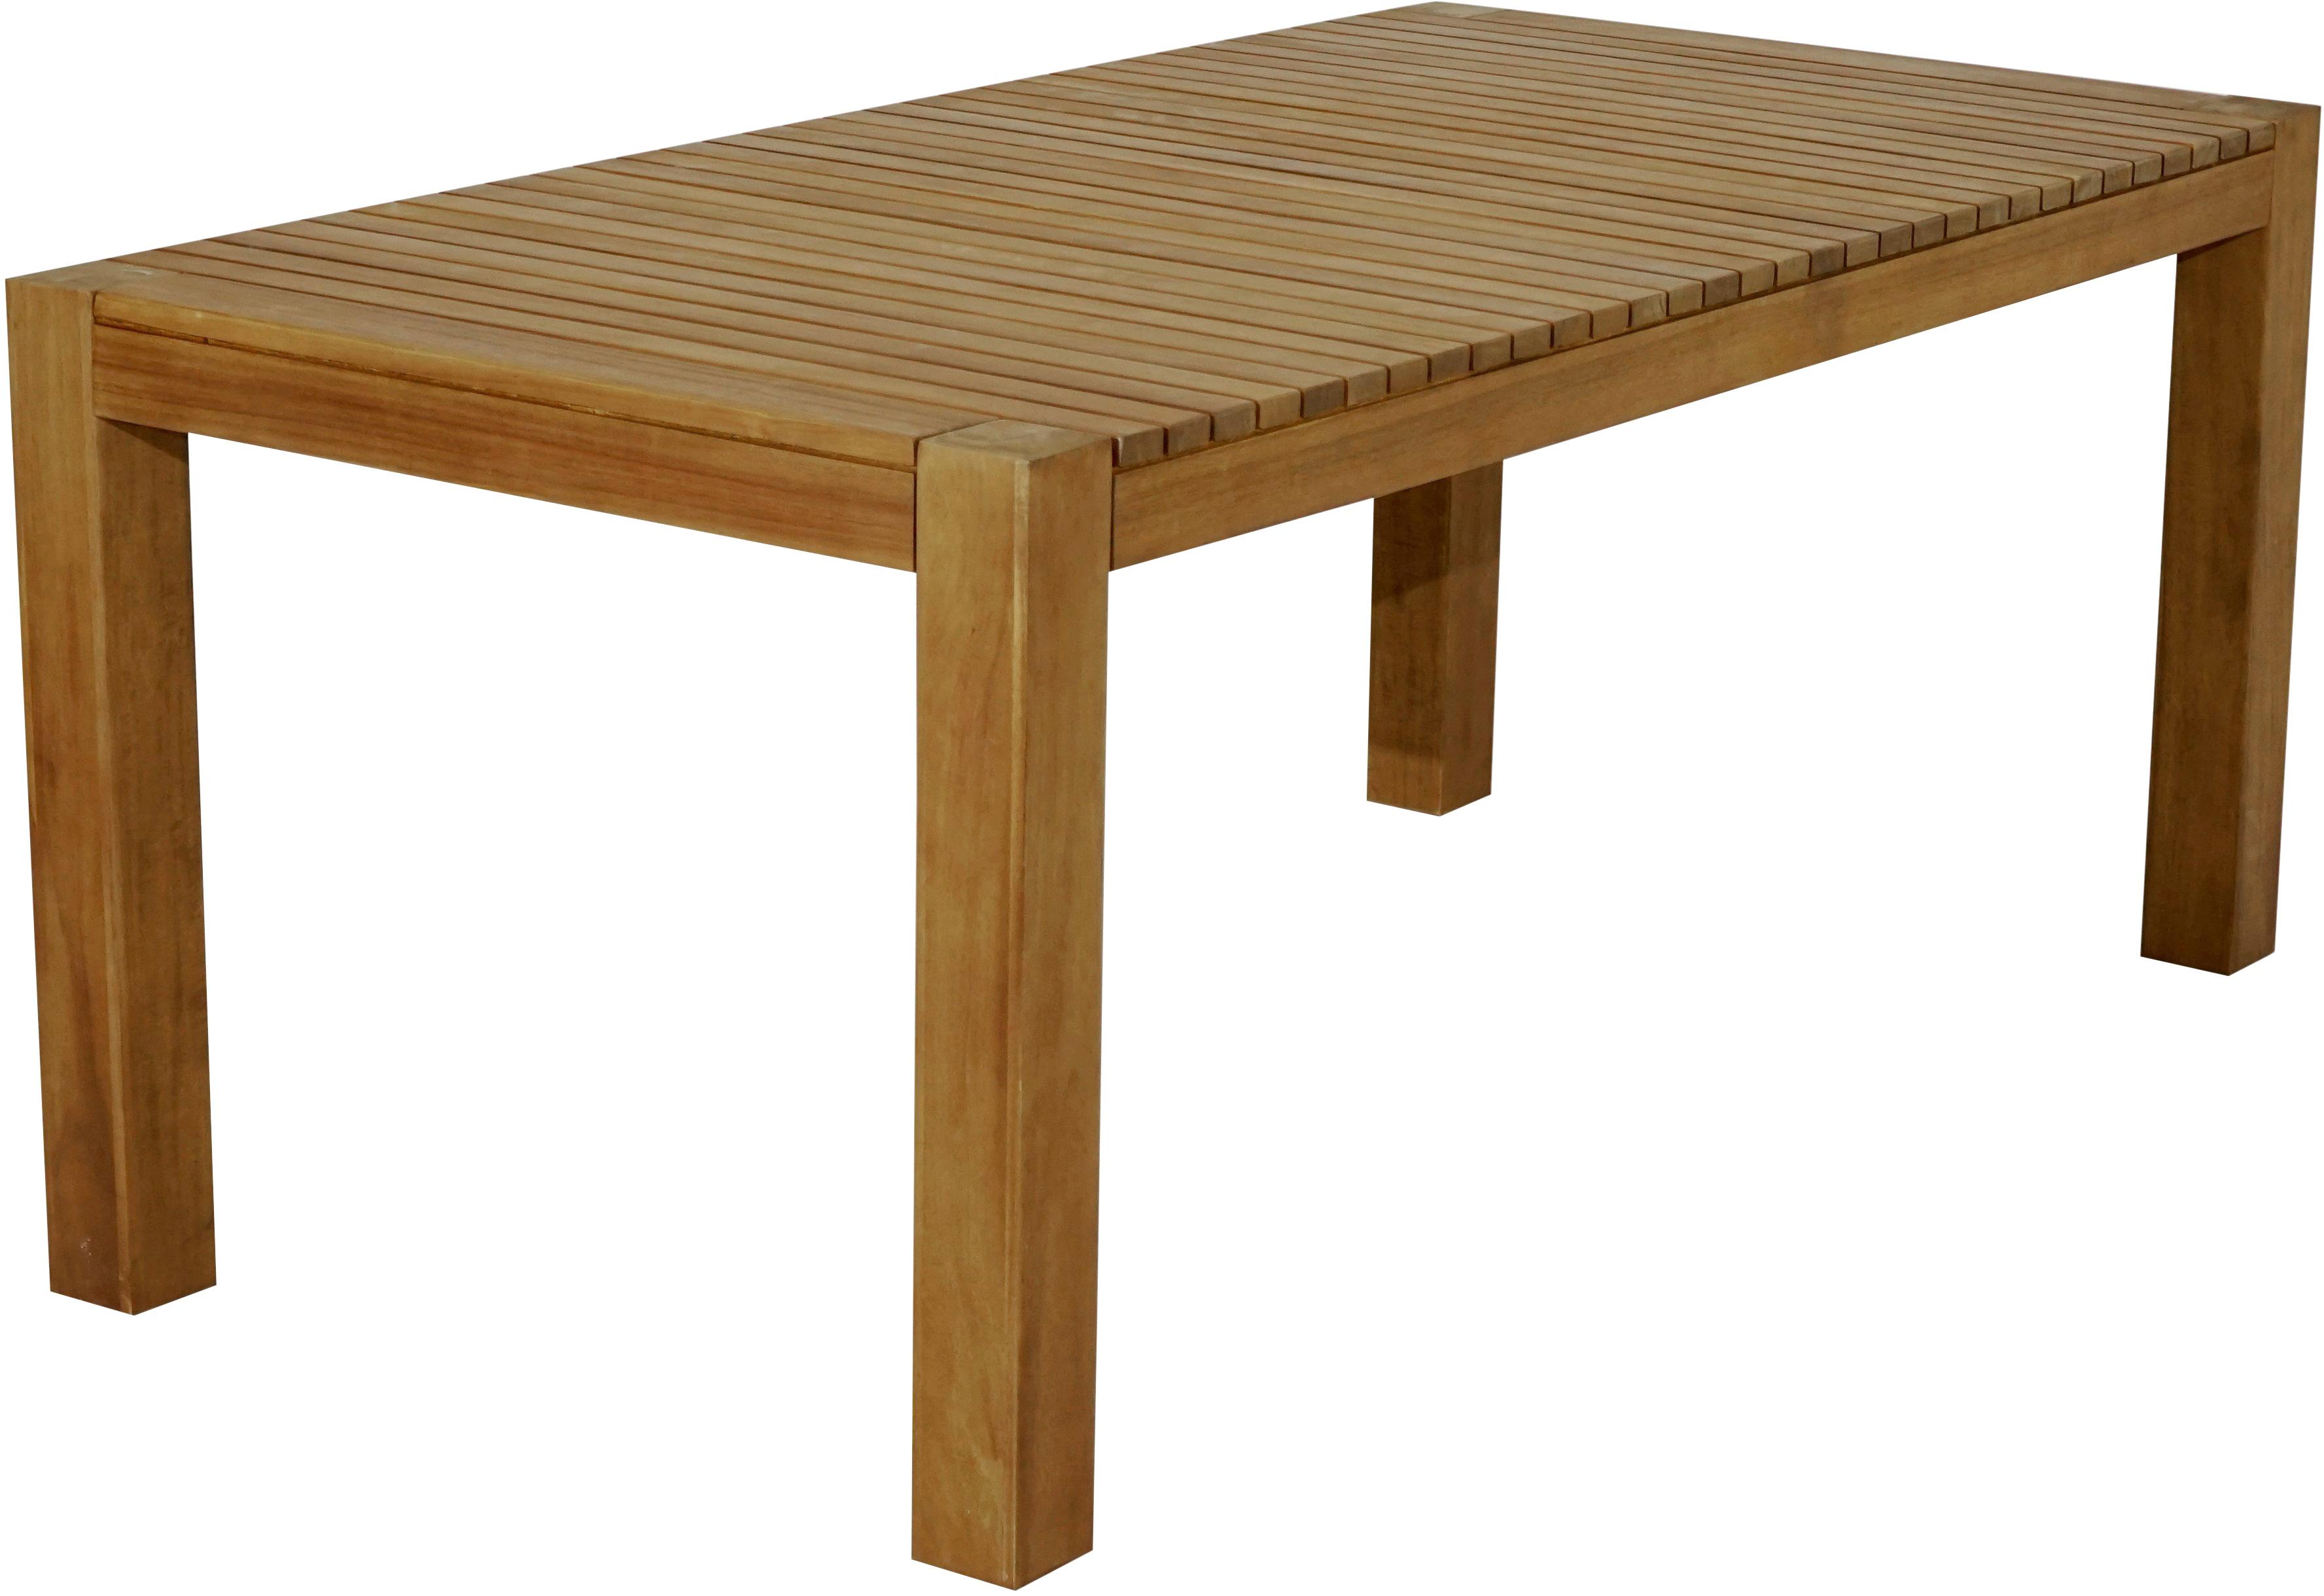 PLOSS Gartentisch Halmstad Akazienholz 180x90 cm